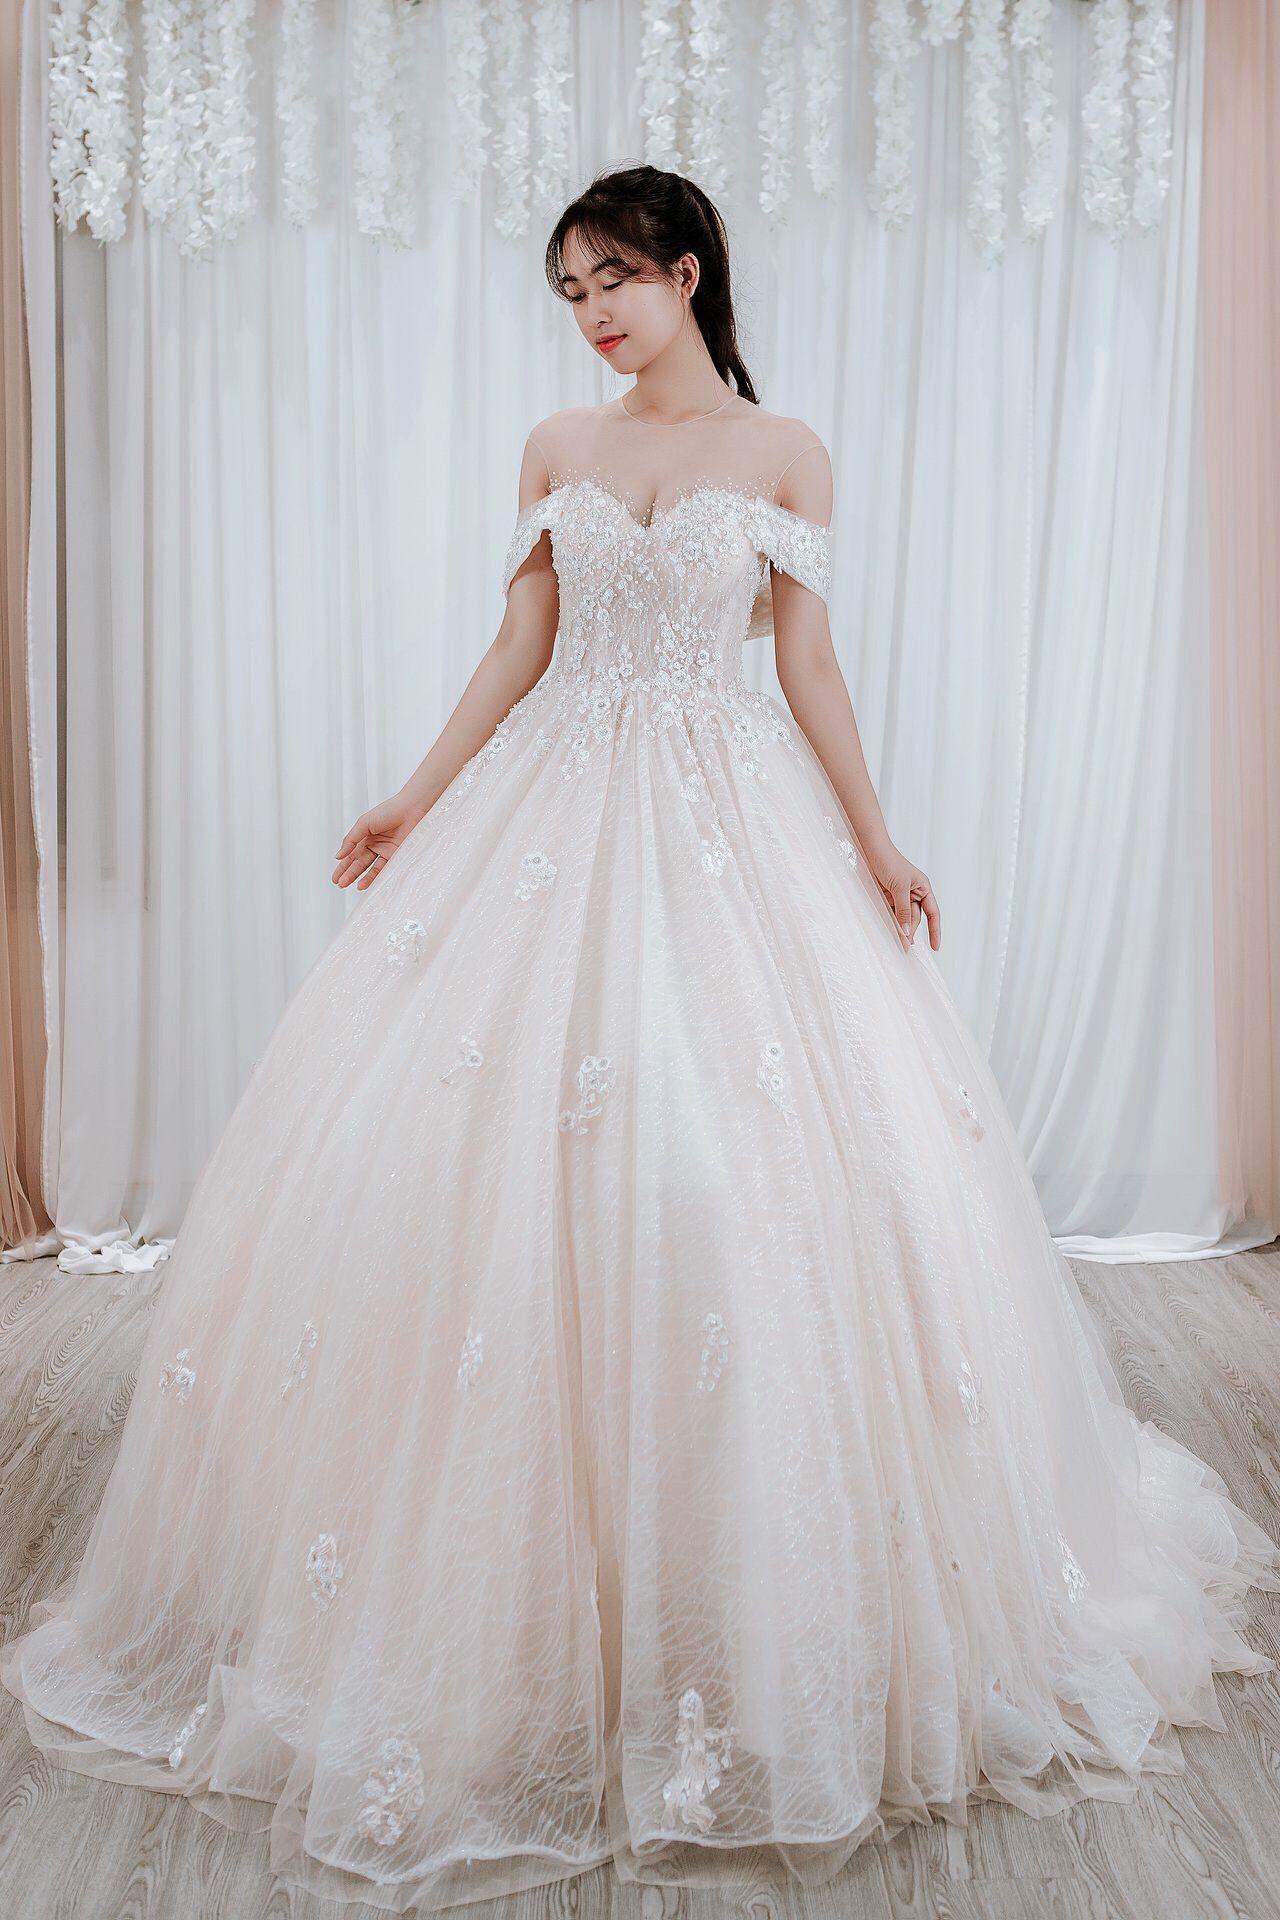 Blush Wedding Dress/ Aline Bridal Gown/ Sparkly Glitter